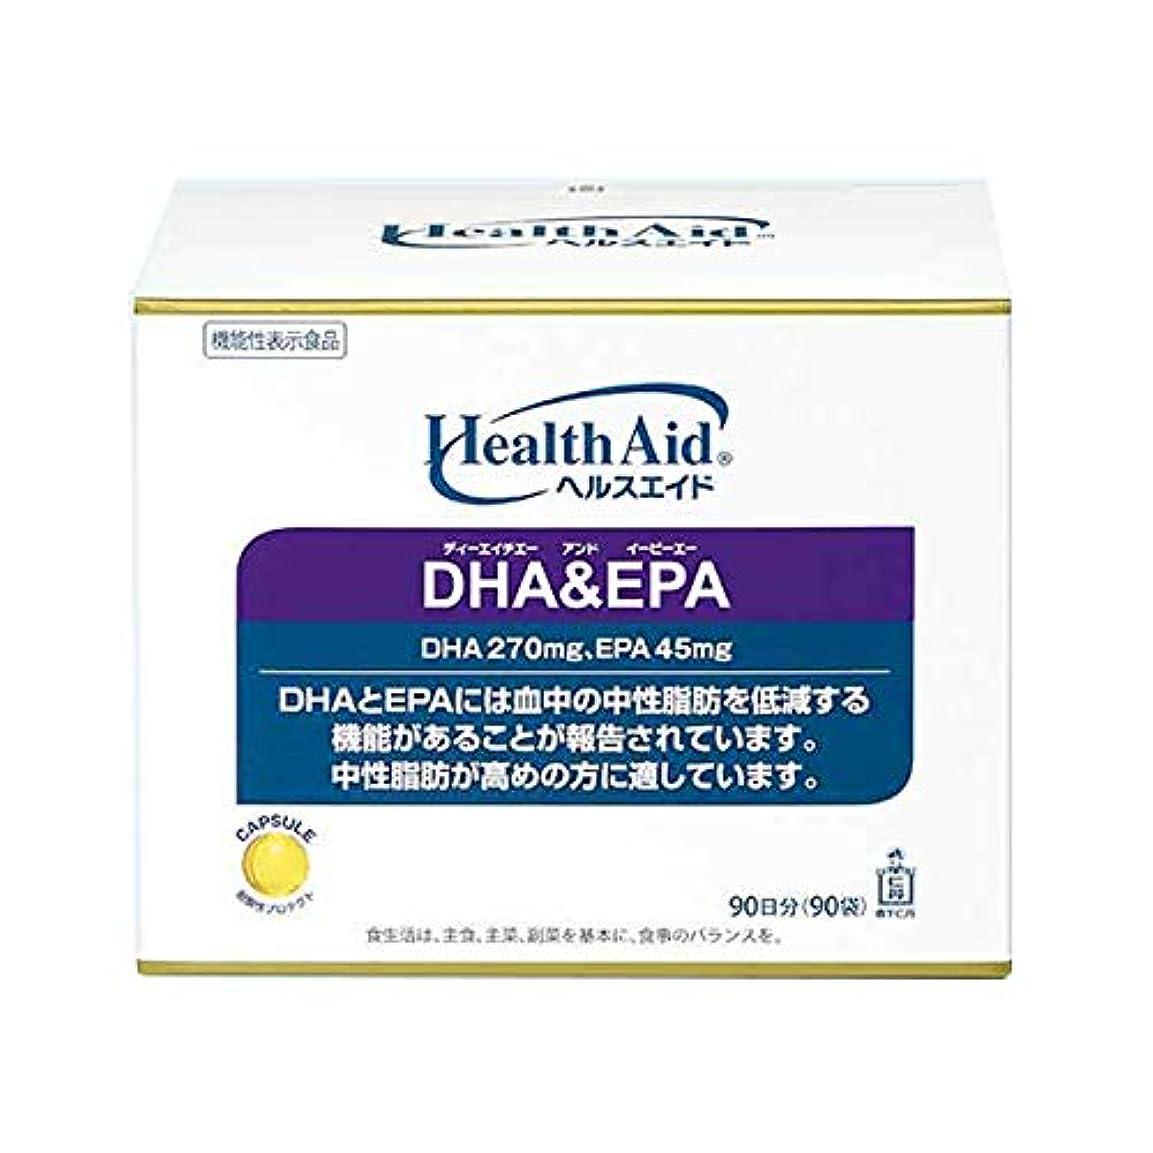 満足できる階違法森下仁丹 ヘルスエイド®DHA&EPA 90日分(90袋) [機能性表示食品]